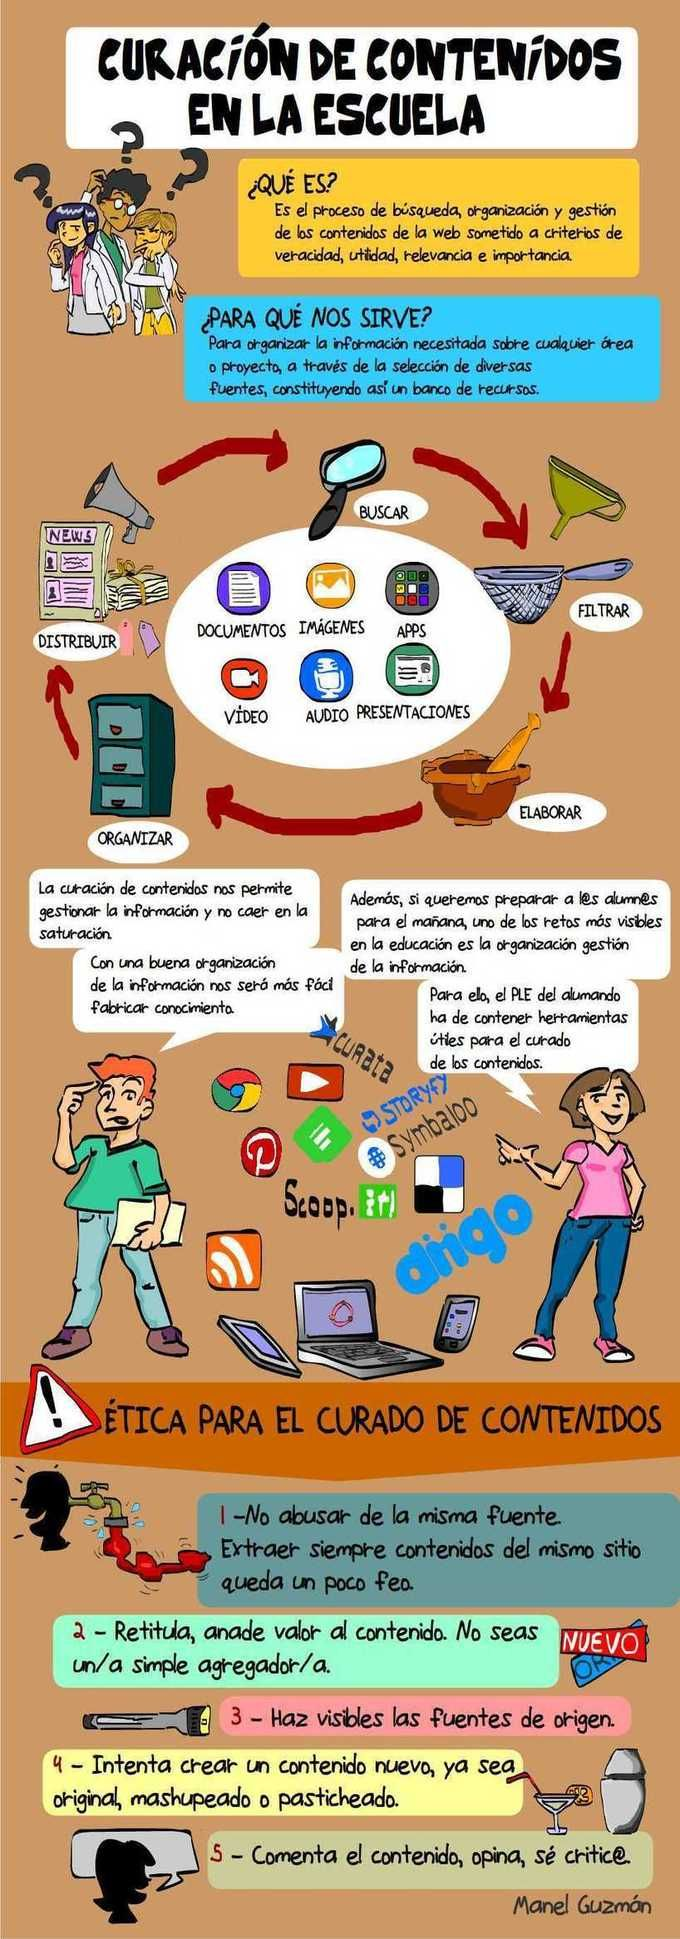 Curación de contenidos en la escuela #infografia